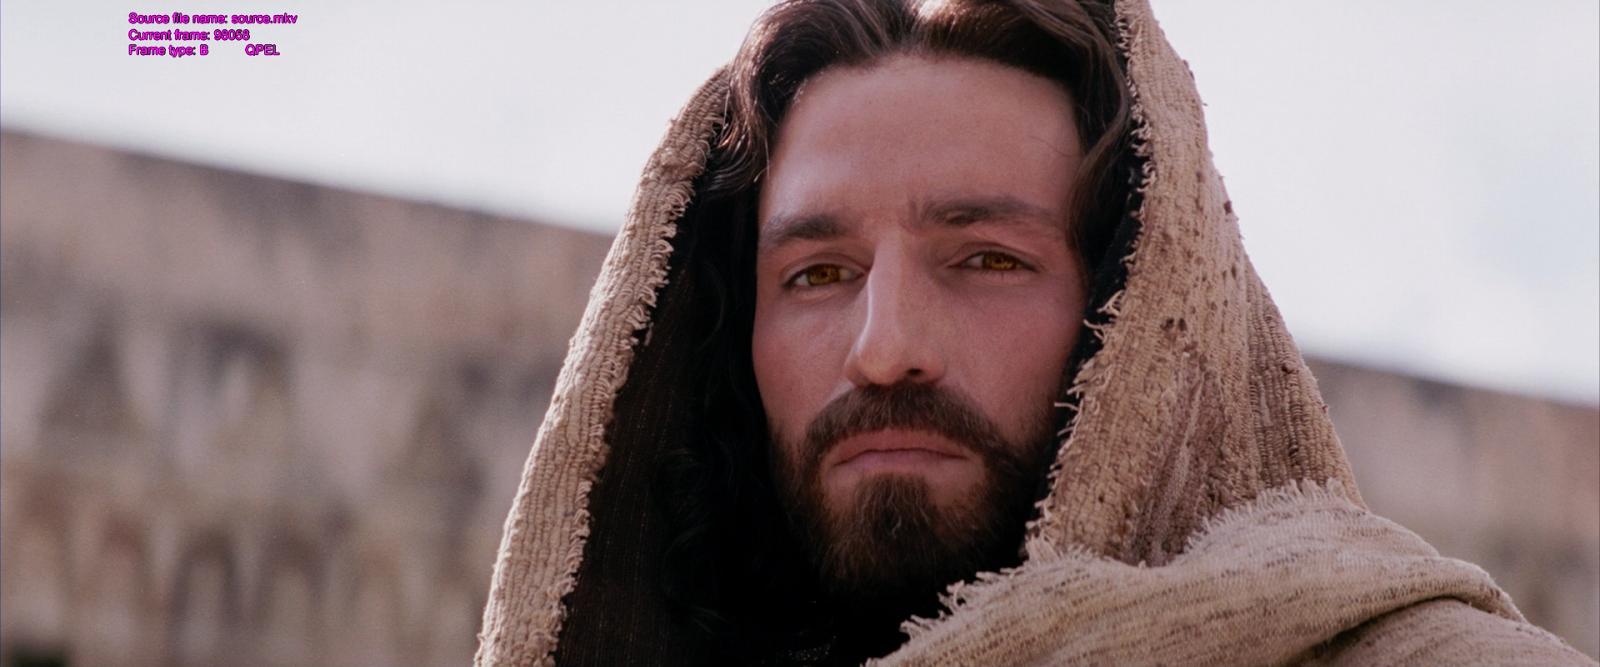 La Pasión De Cristo (2004) Edición Definitiva Full HD 1080p BD25 5